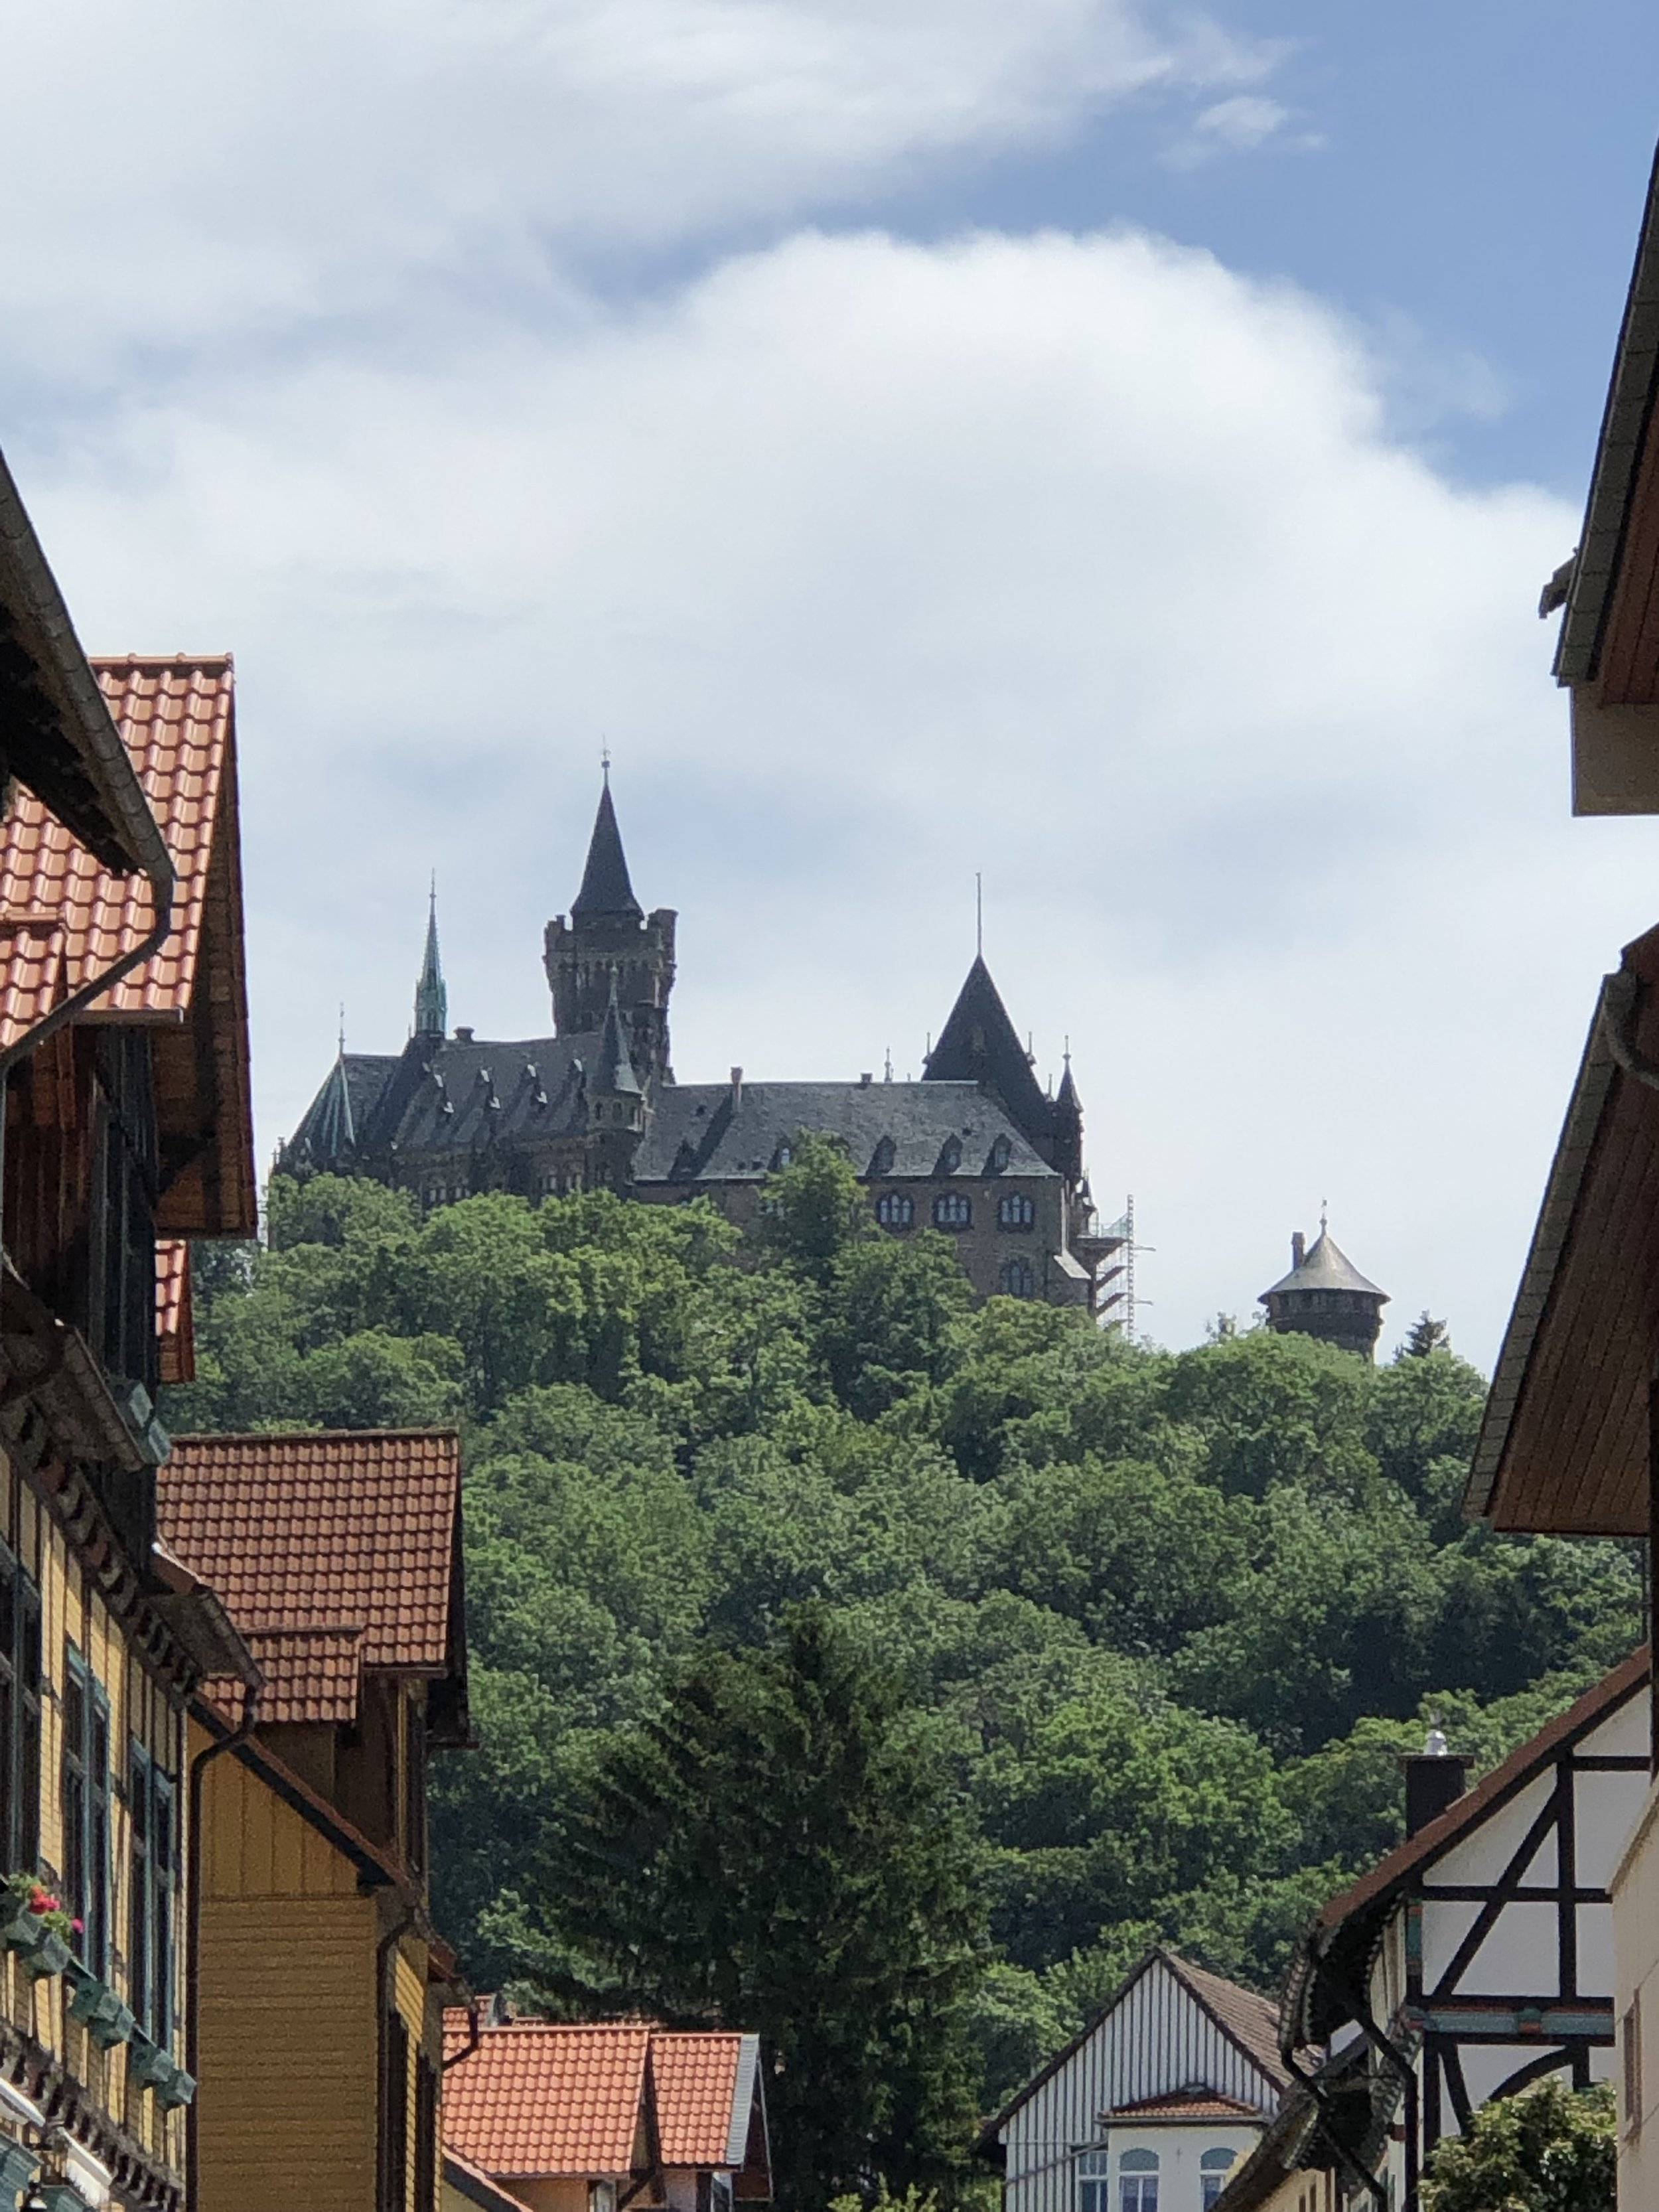 Von verschiedenen Punkten der Altstadt hat man bereits einen tollen Blick auf das Schloss.  ©ADELSWELT